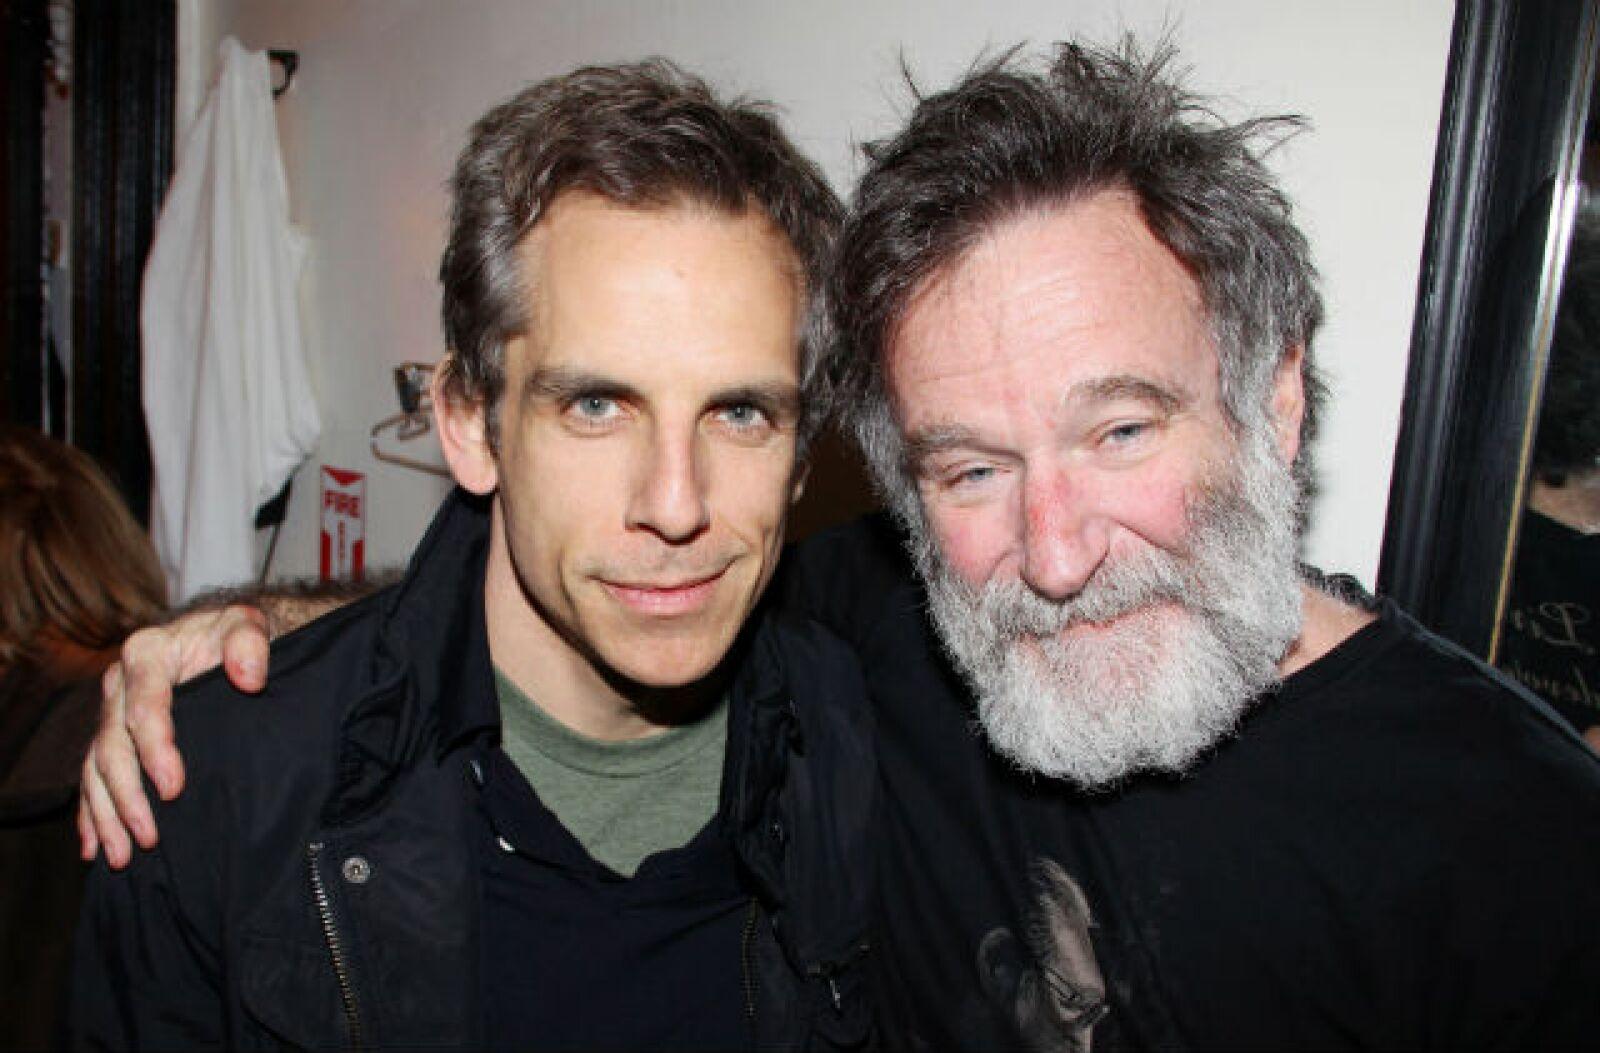 Robin y Ben Stiller se volvieron cercanos gracias a las cintas de Una noche en el museo.